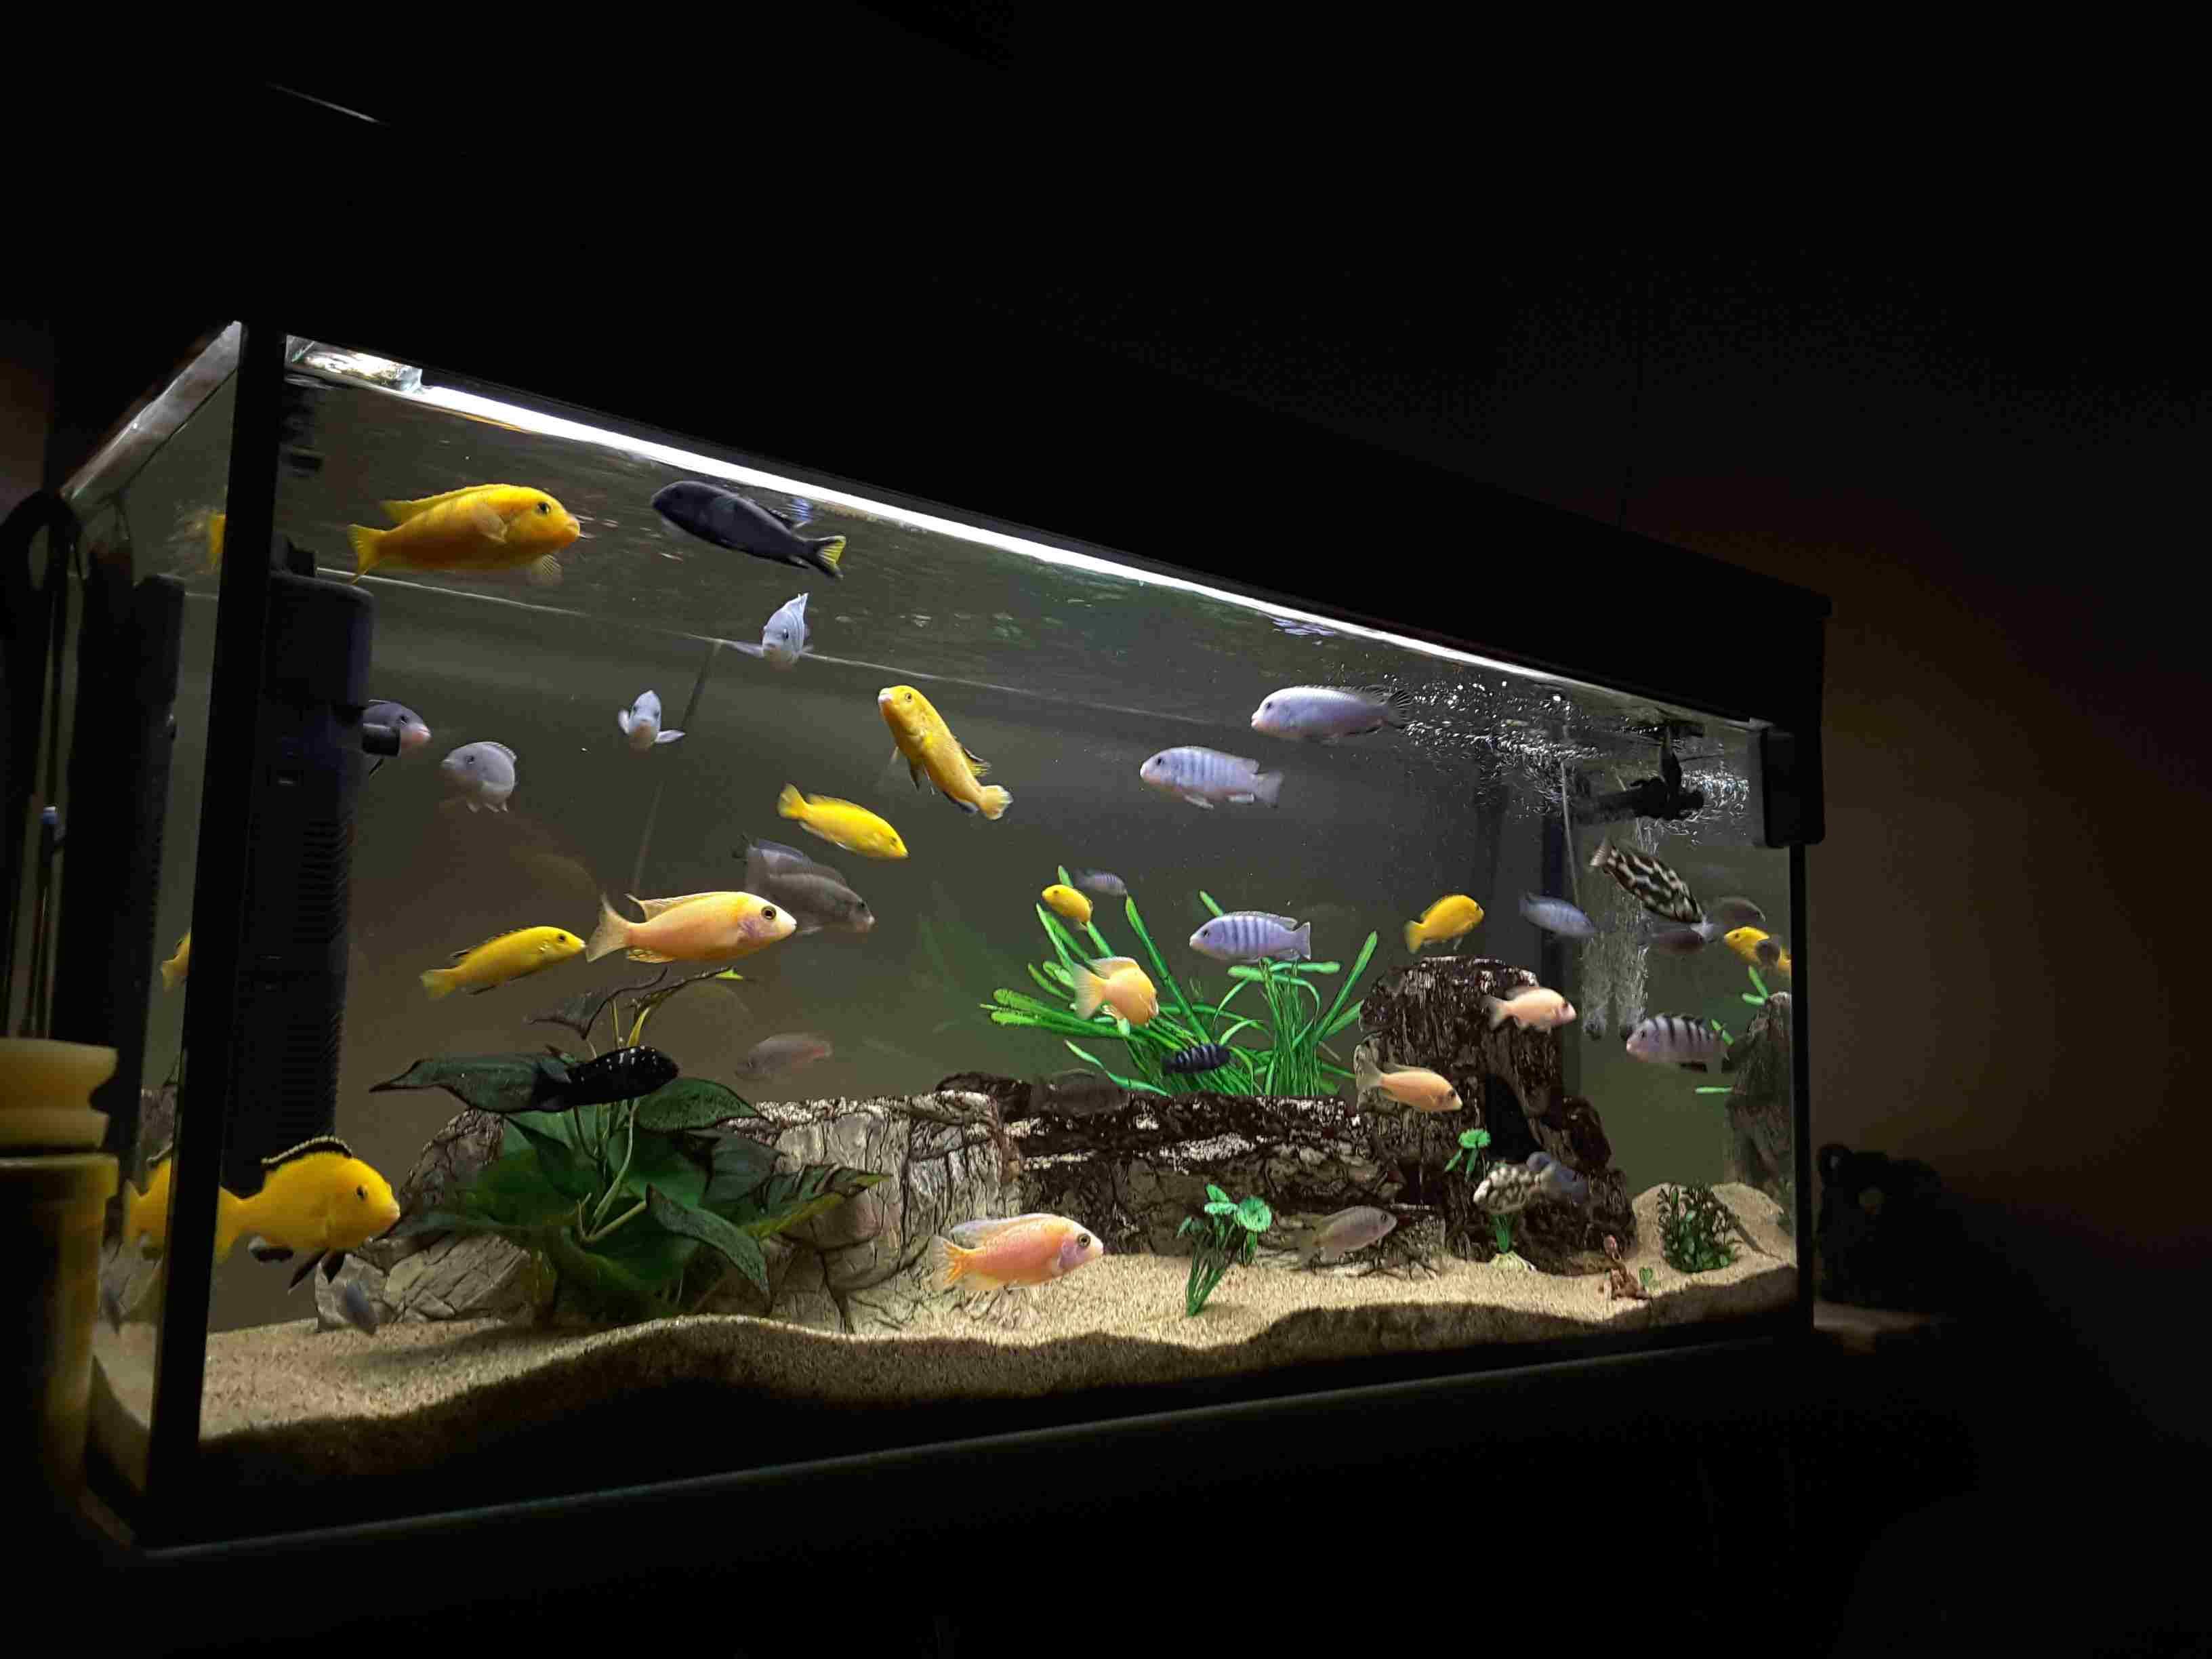 Fish swimming in aquarium at night